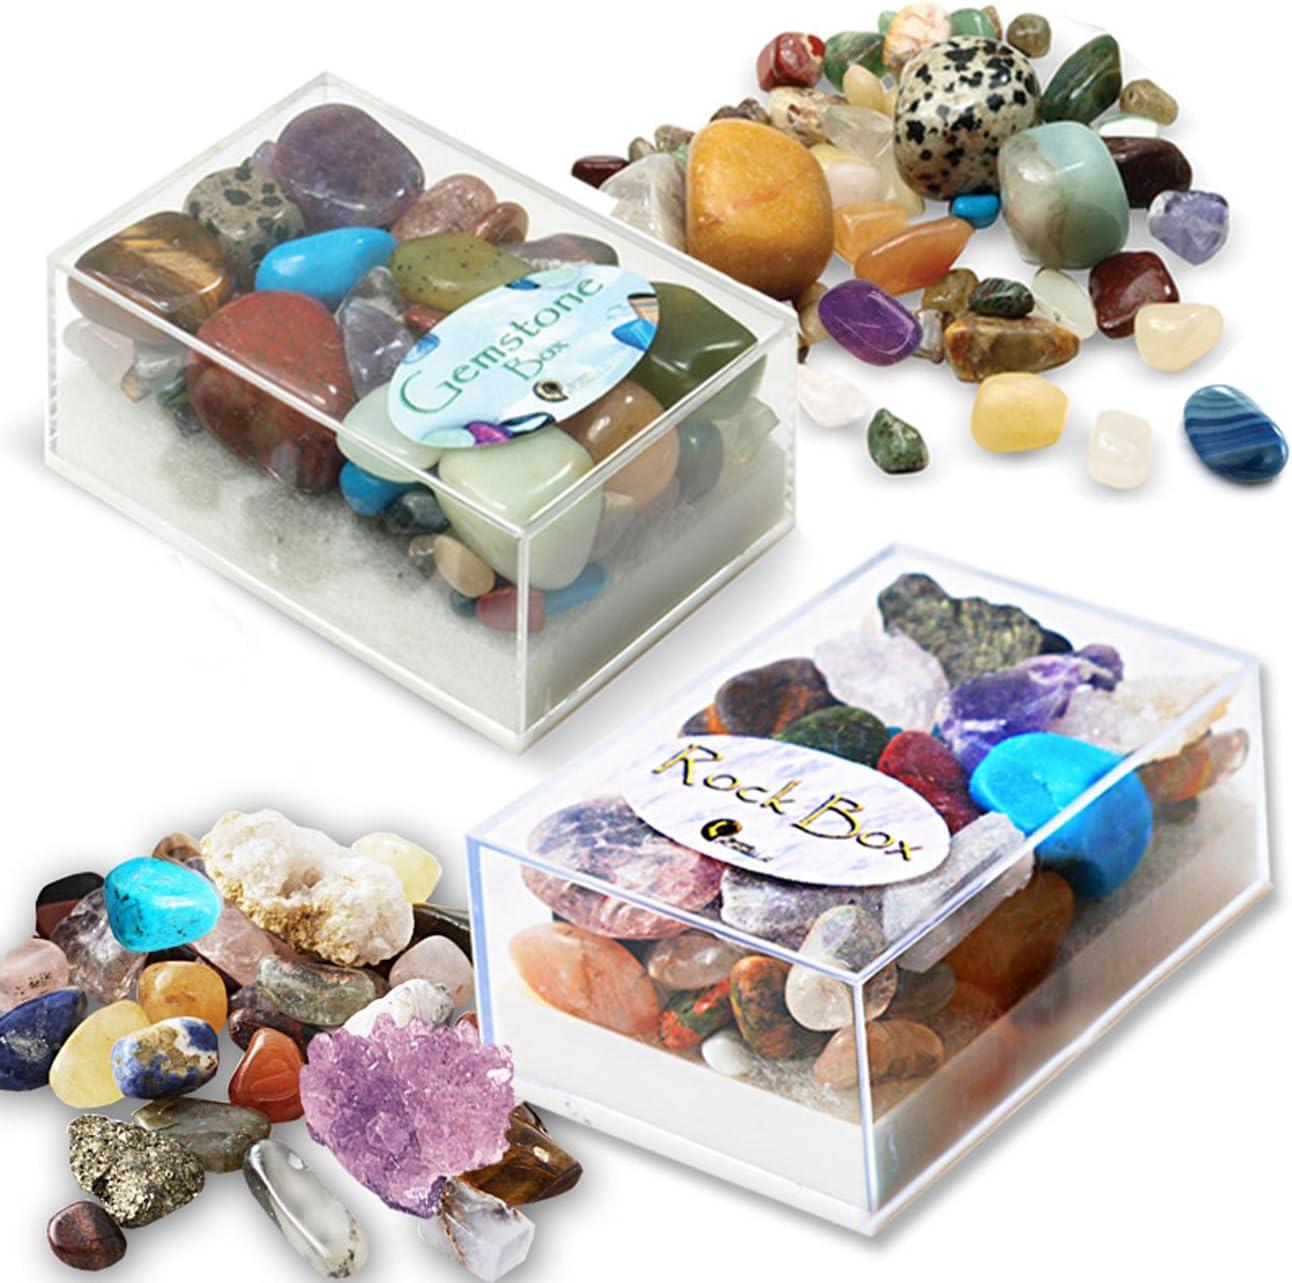 2 Cajas de Piedras Preciosas y Roca de Tienda de Regalos Fossil